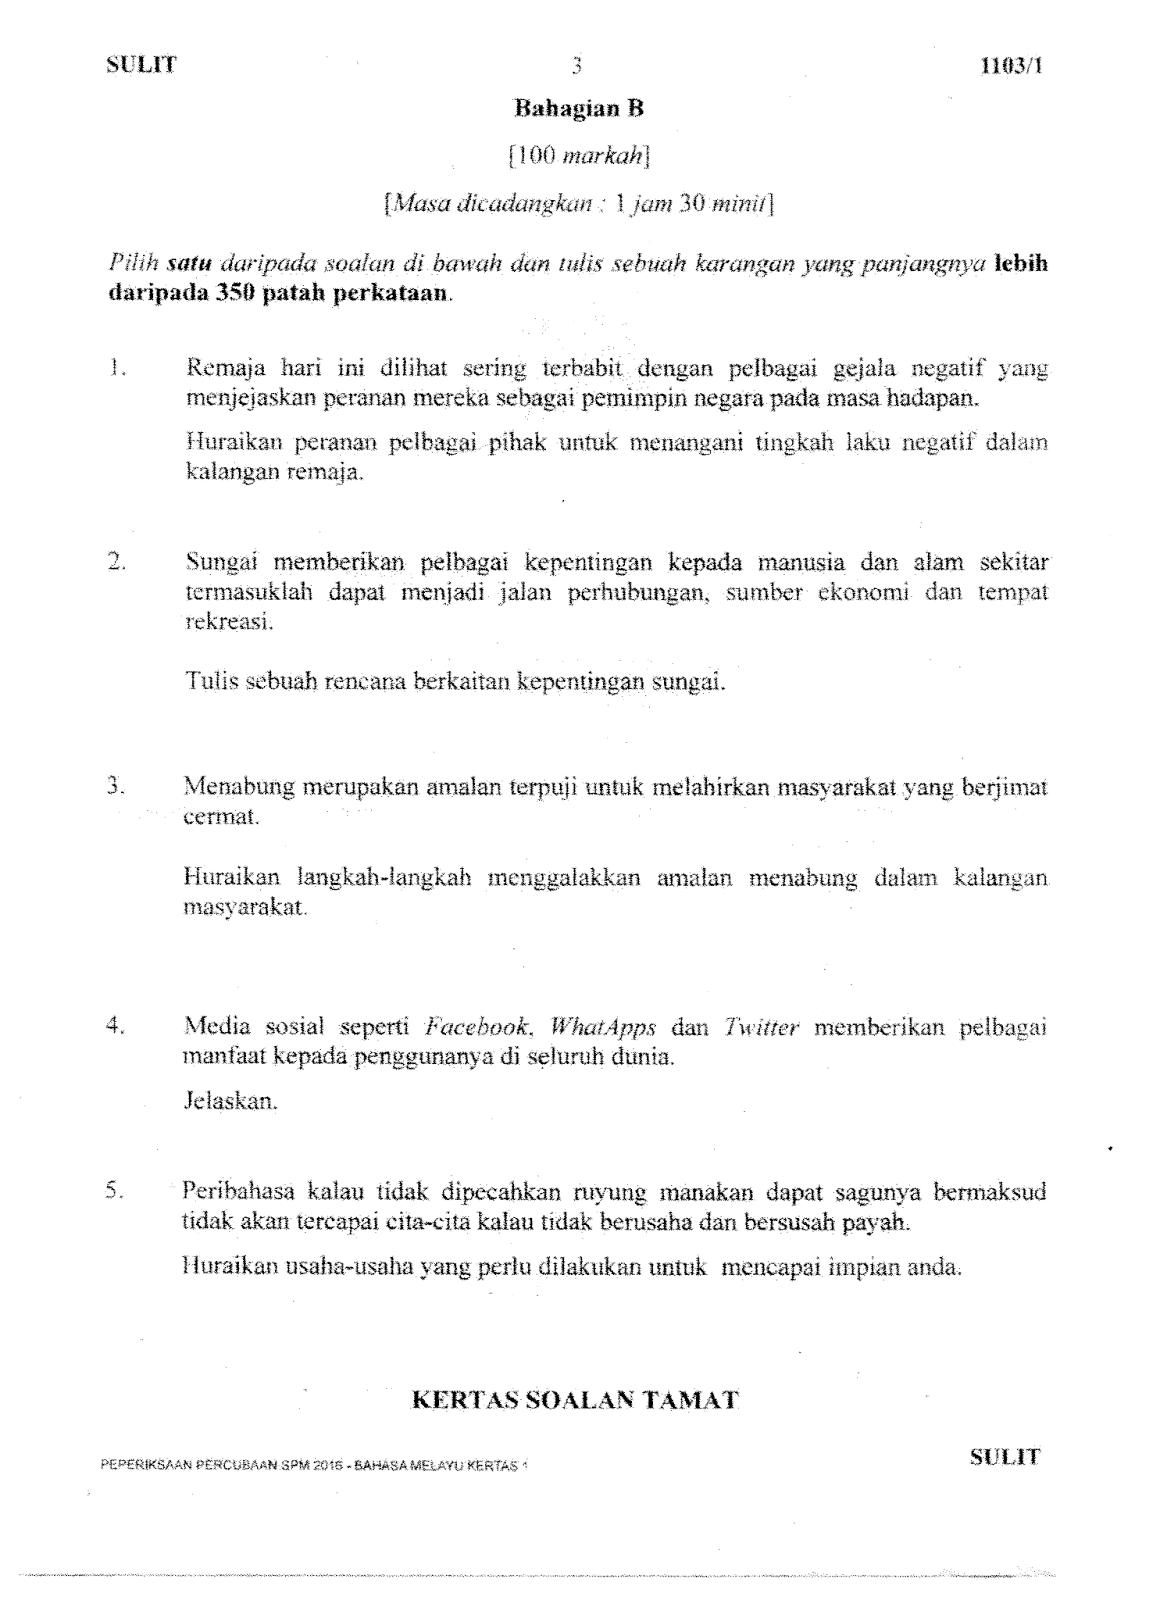 Soalan Percubaan Bahasa Melayu Spm 2016 Kelantan 2